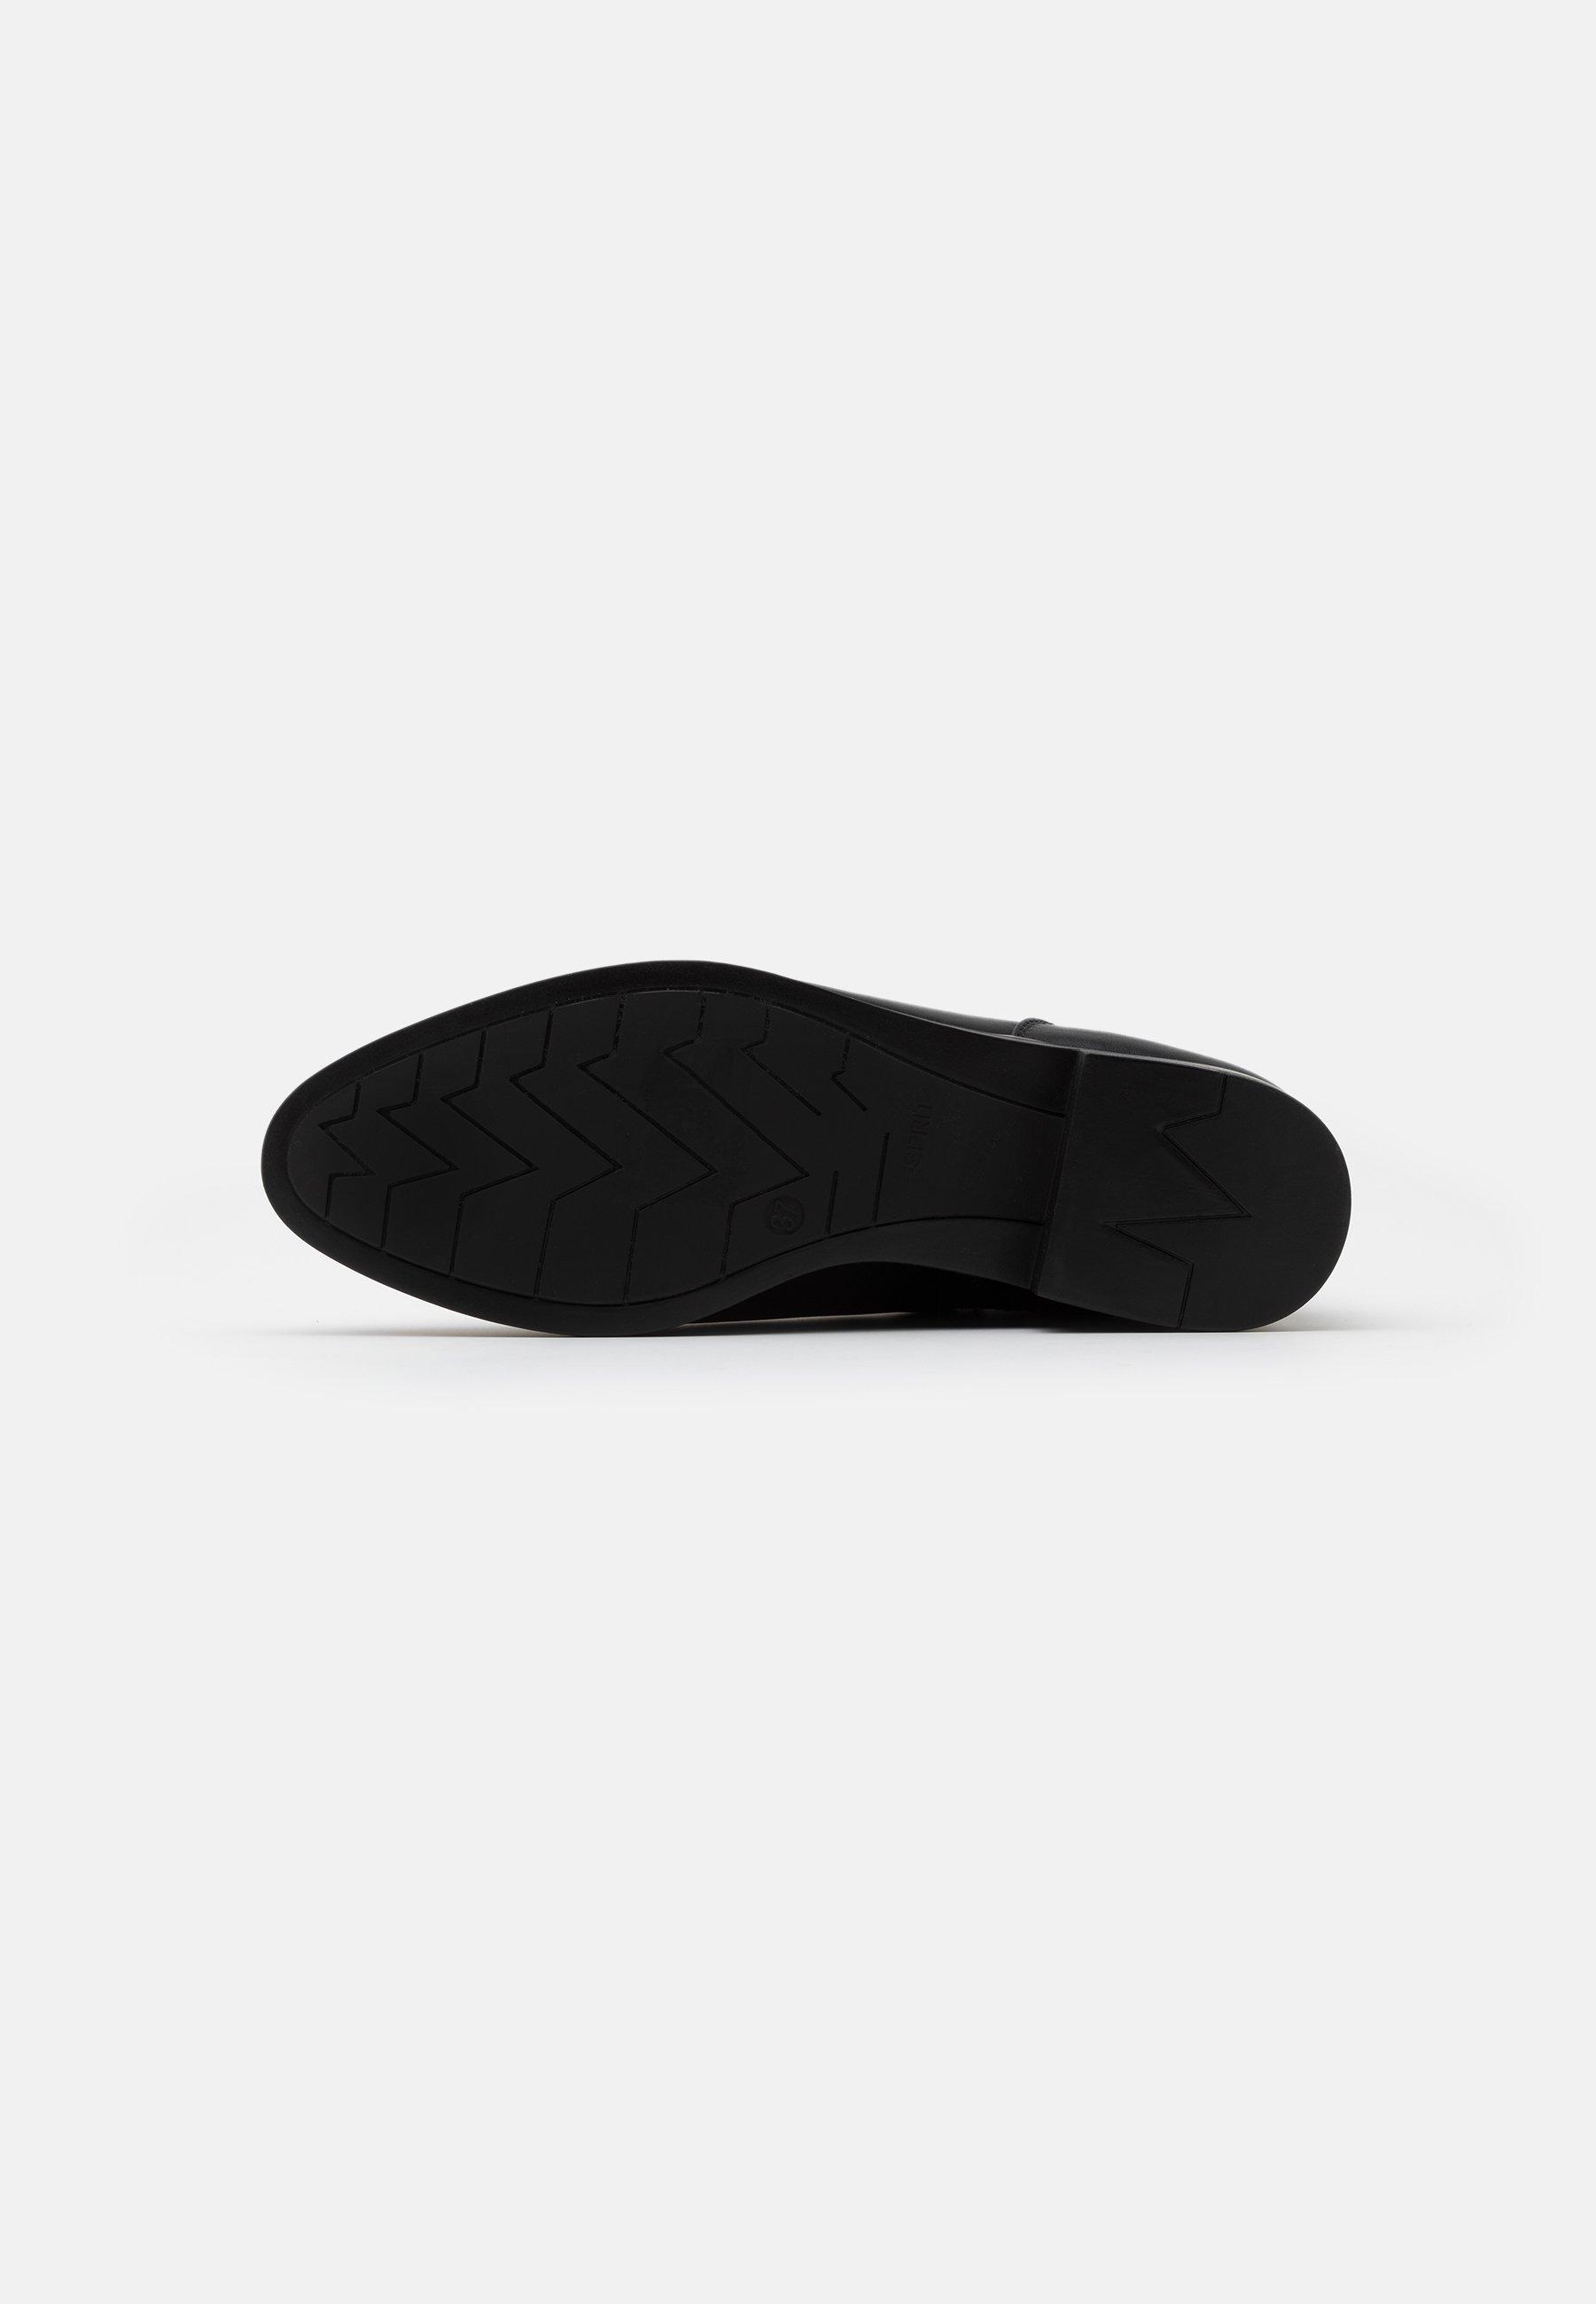 Esprit ELCHE Ankle Boot black/schwarz